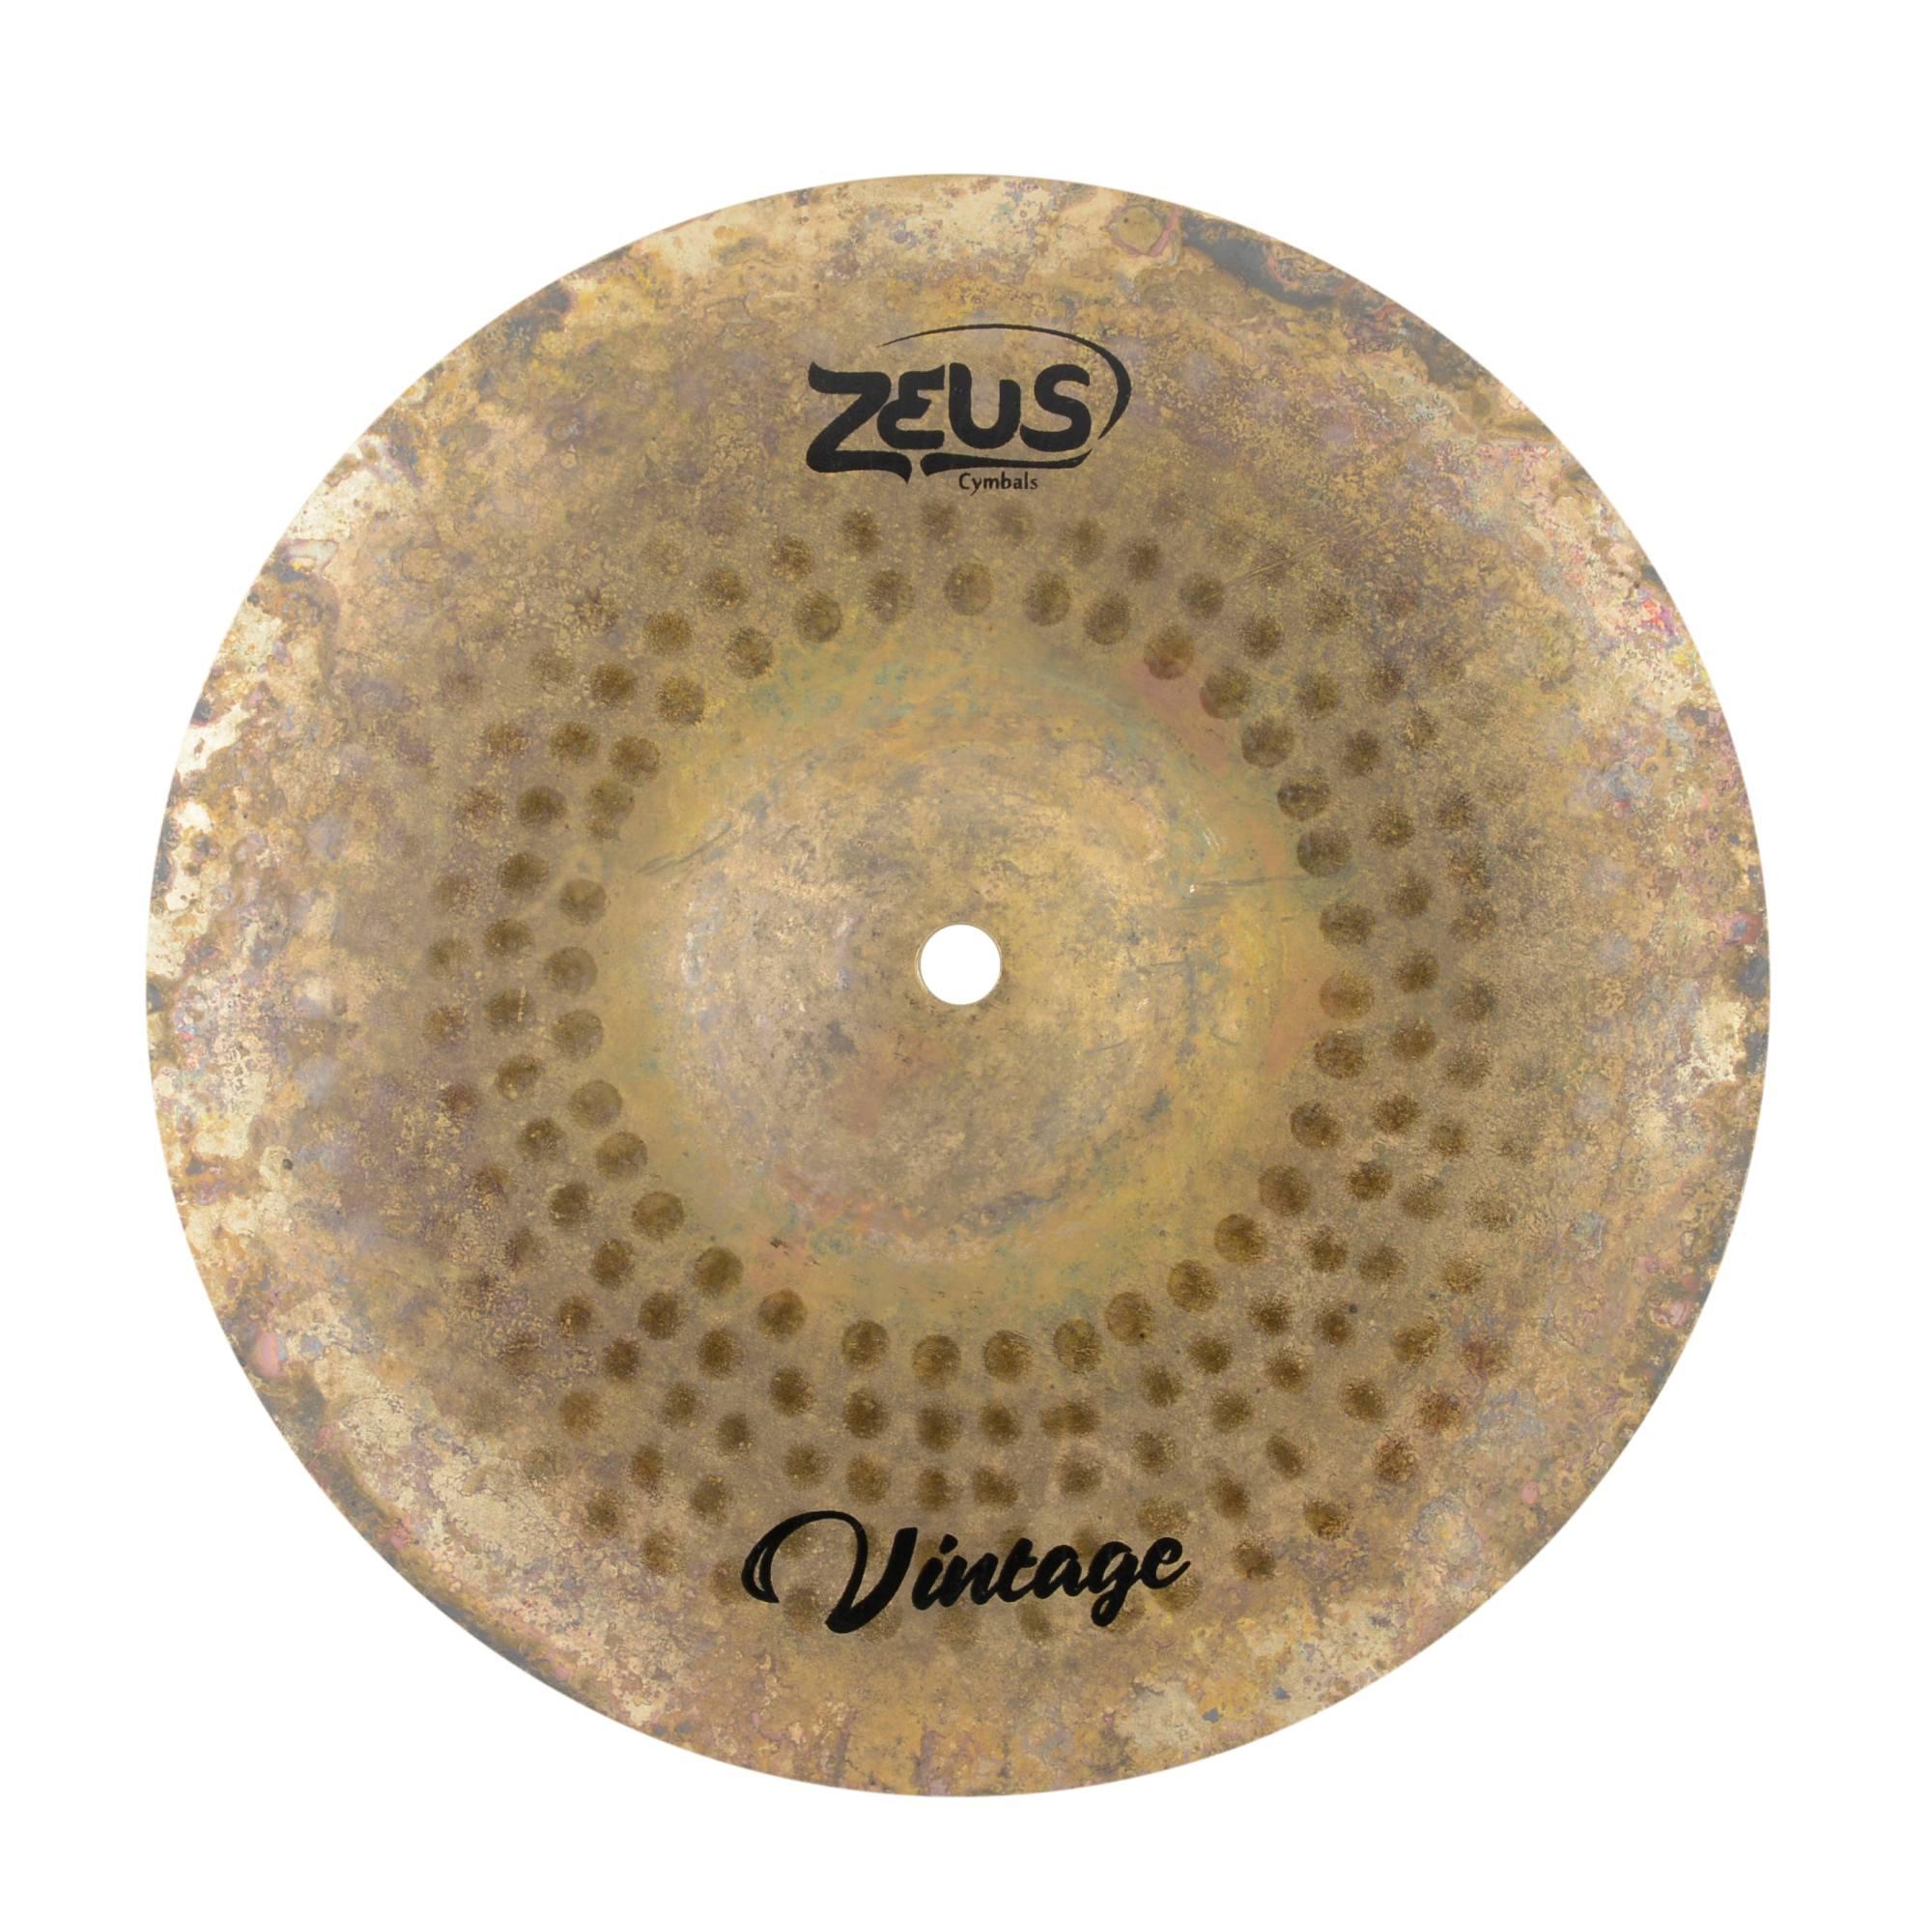 Prato Zeus Vintage Splash 8 Zvs8